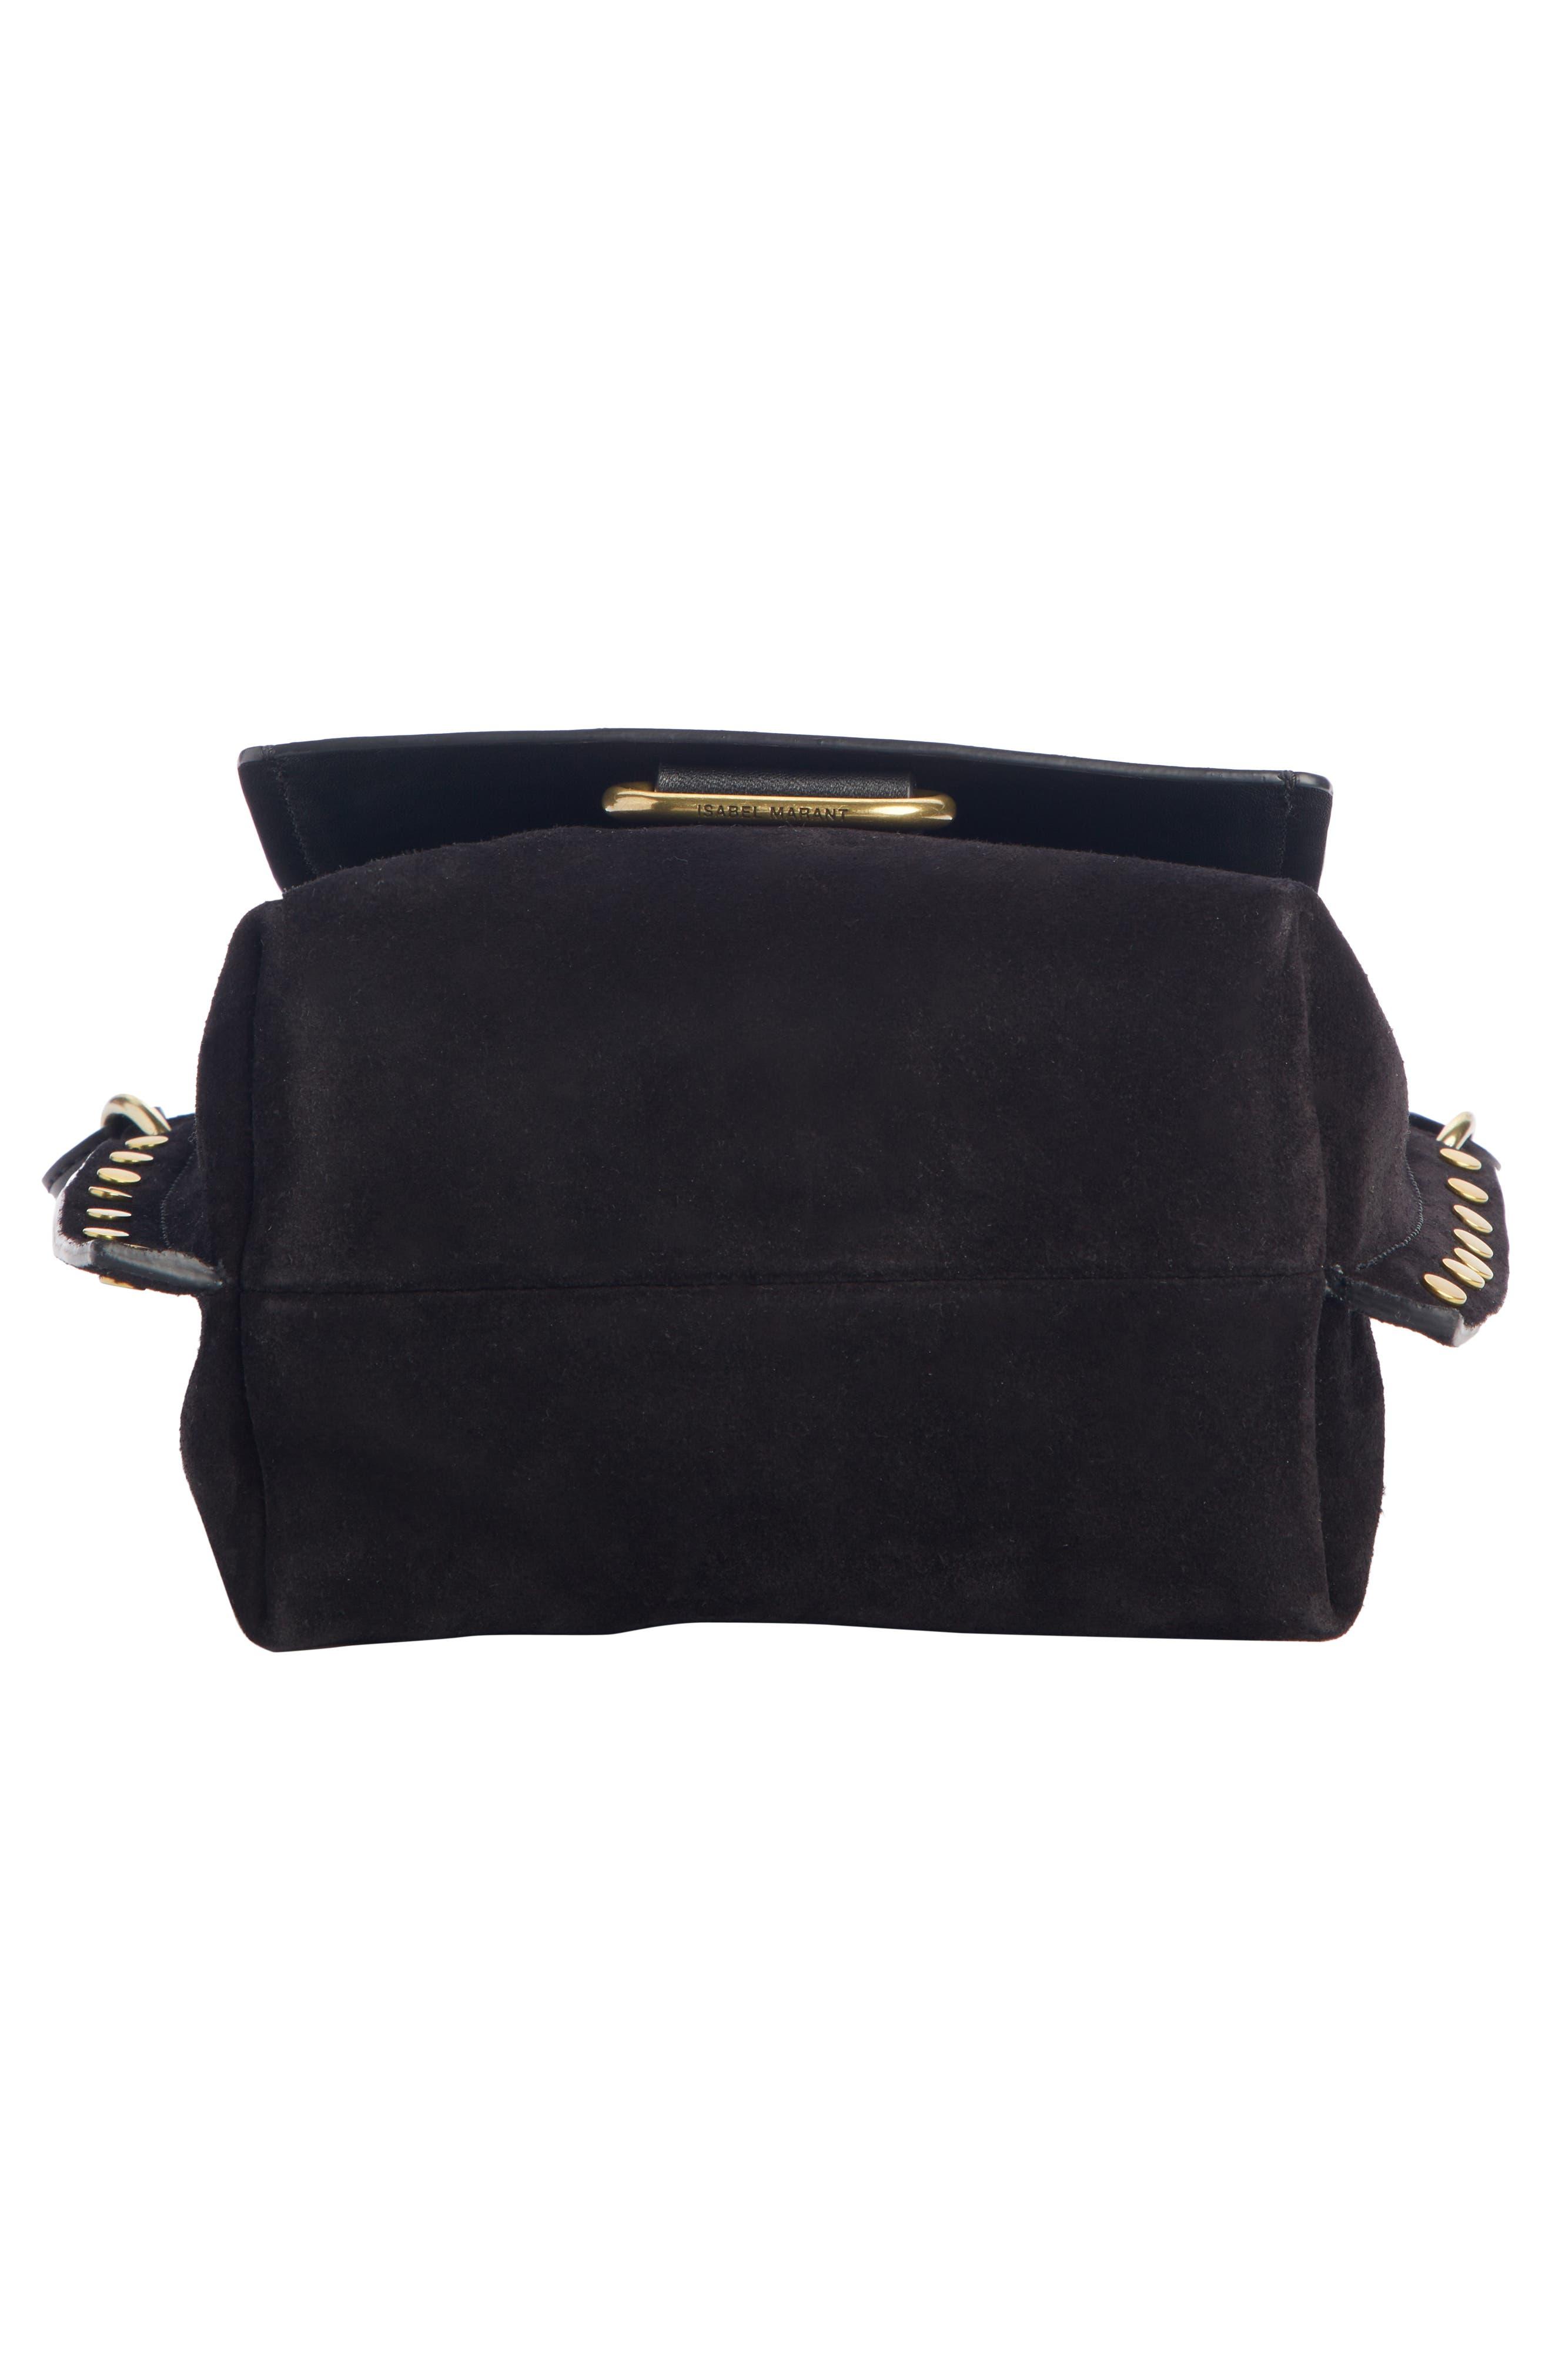 Kleny Leather Shoulder Bag,                             Alternate thumbnail 5, color,                             BLACK